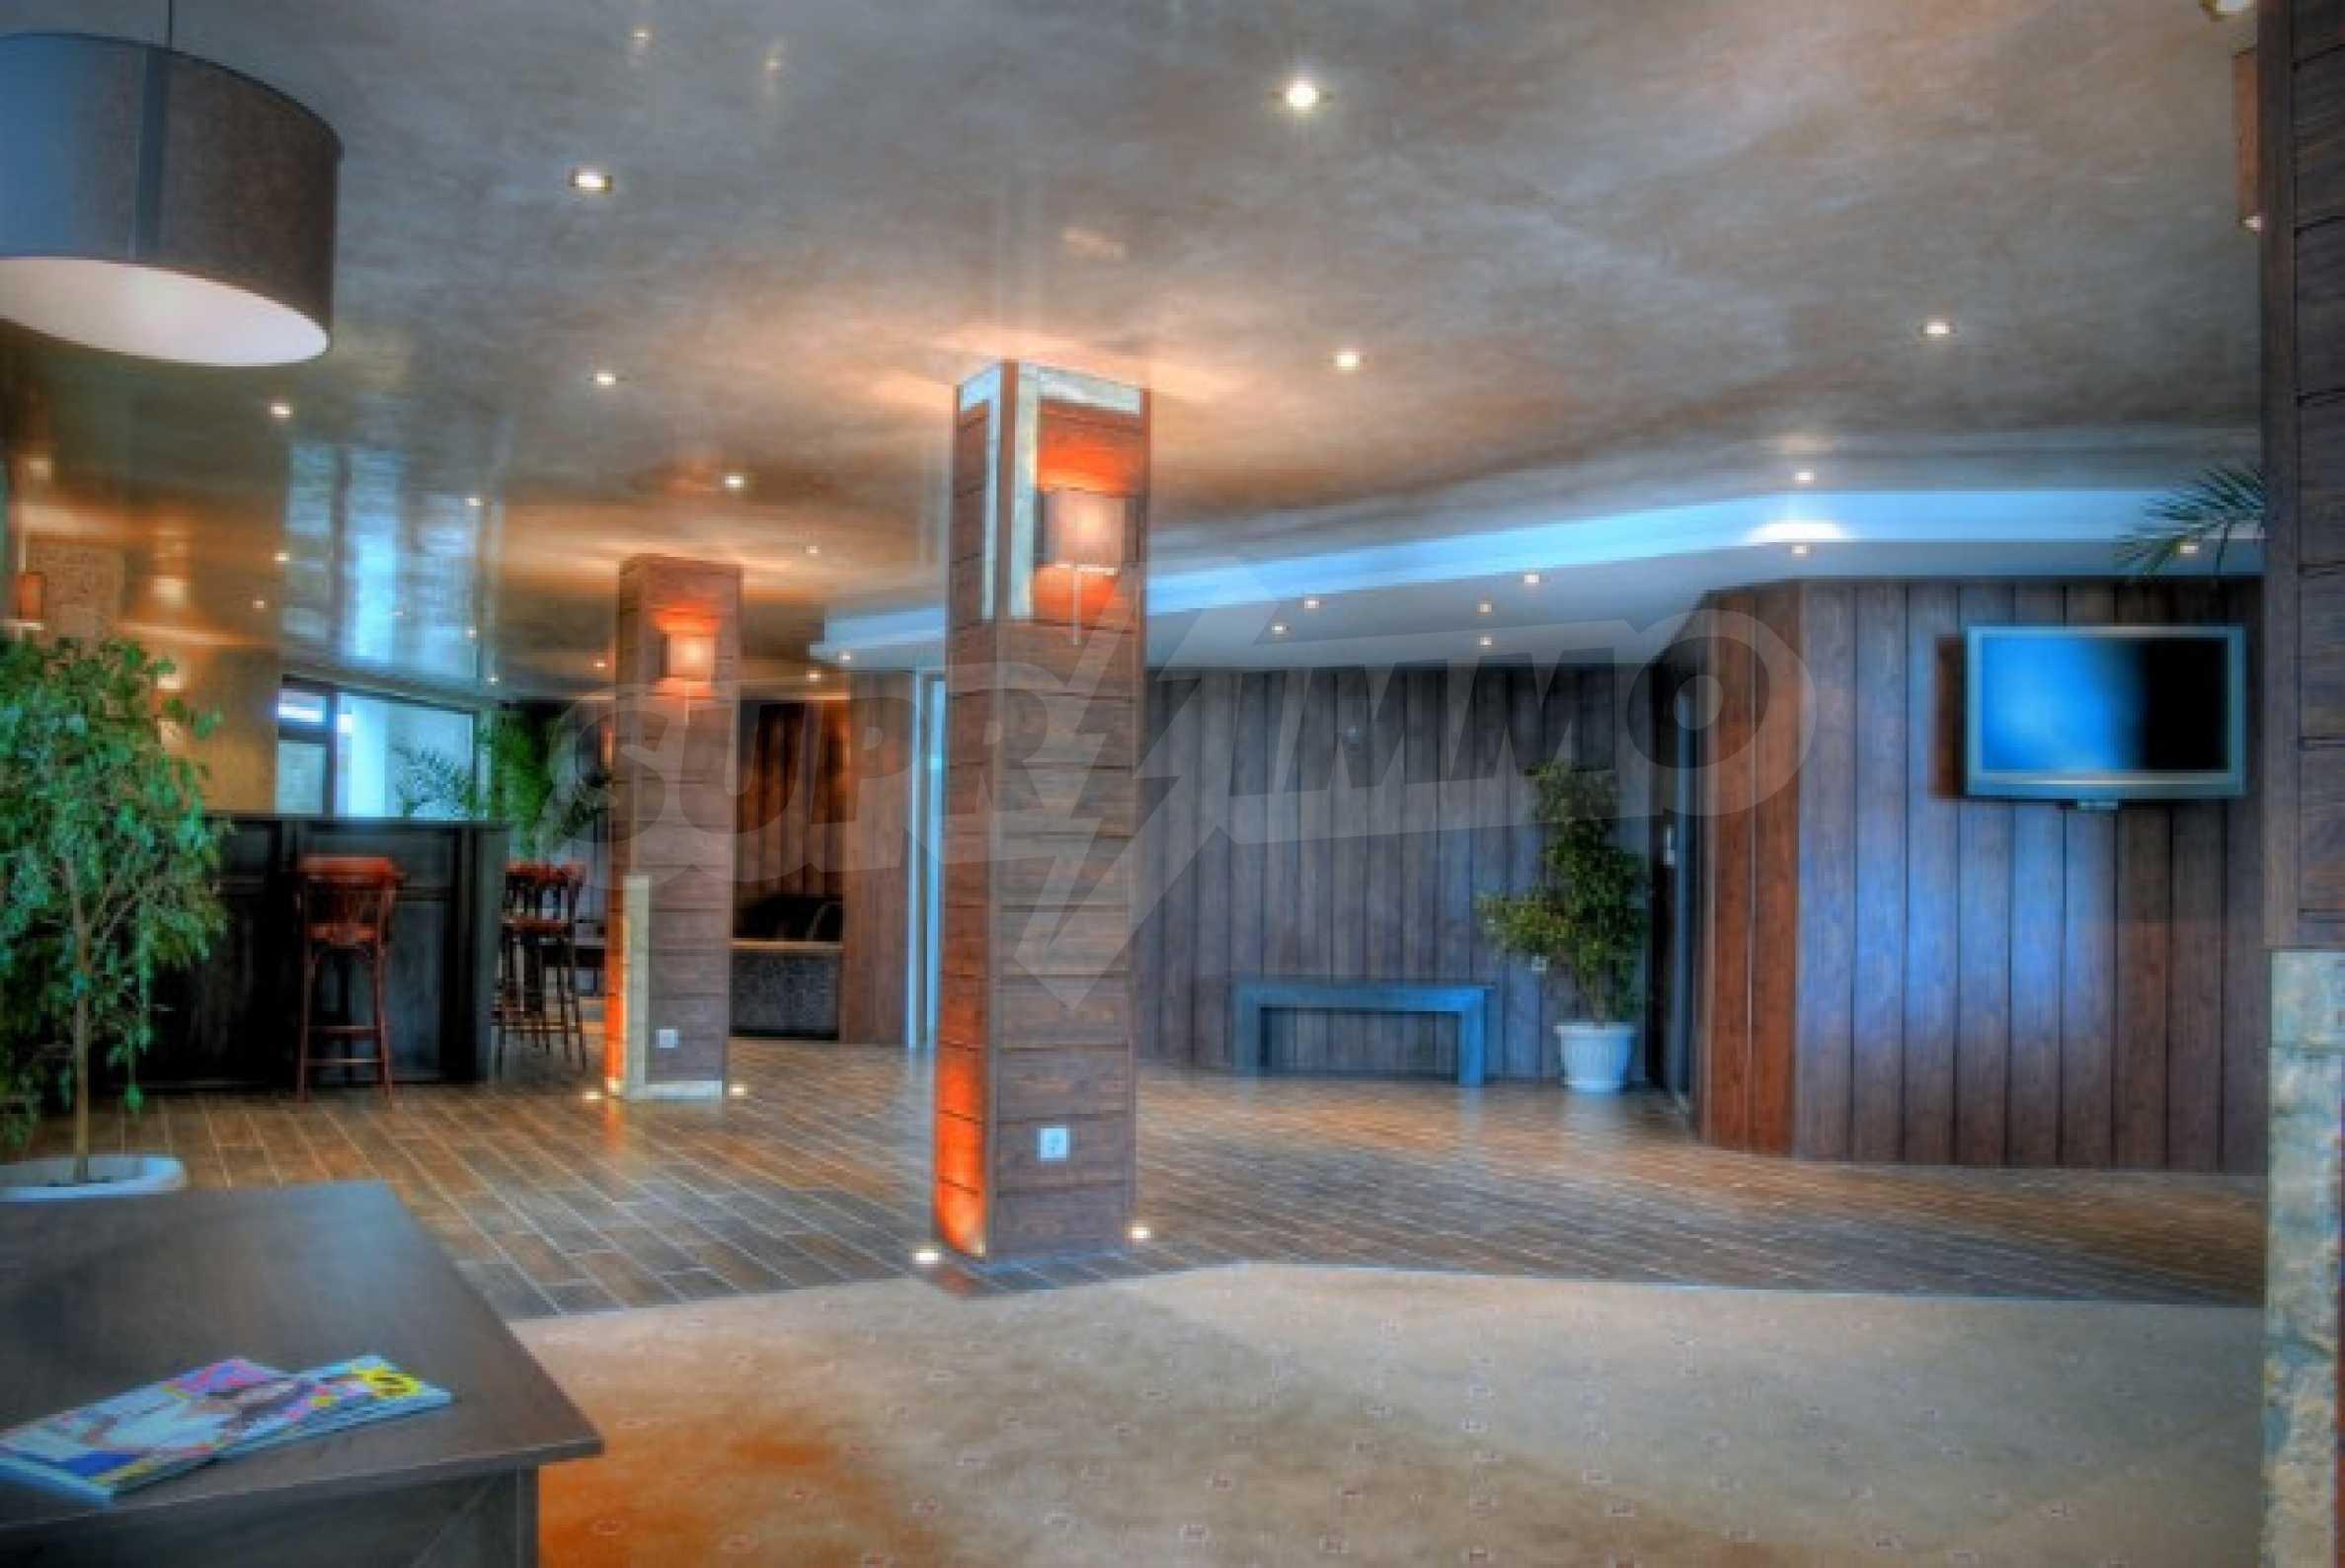 Апартаменти на атрактивни цени в планински ваканционен комплекс в Пампорово 24